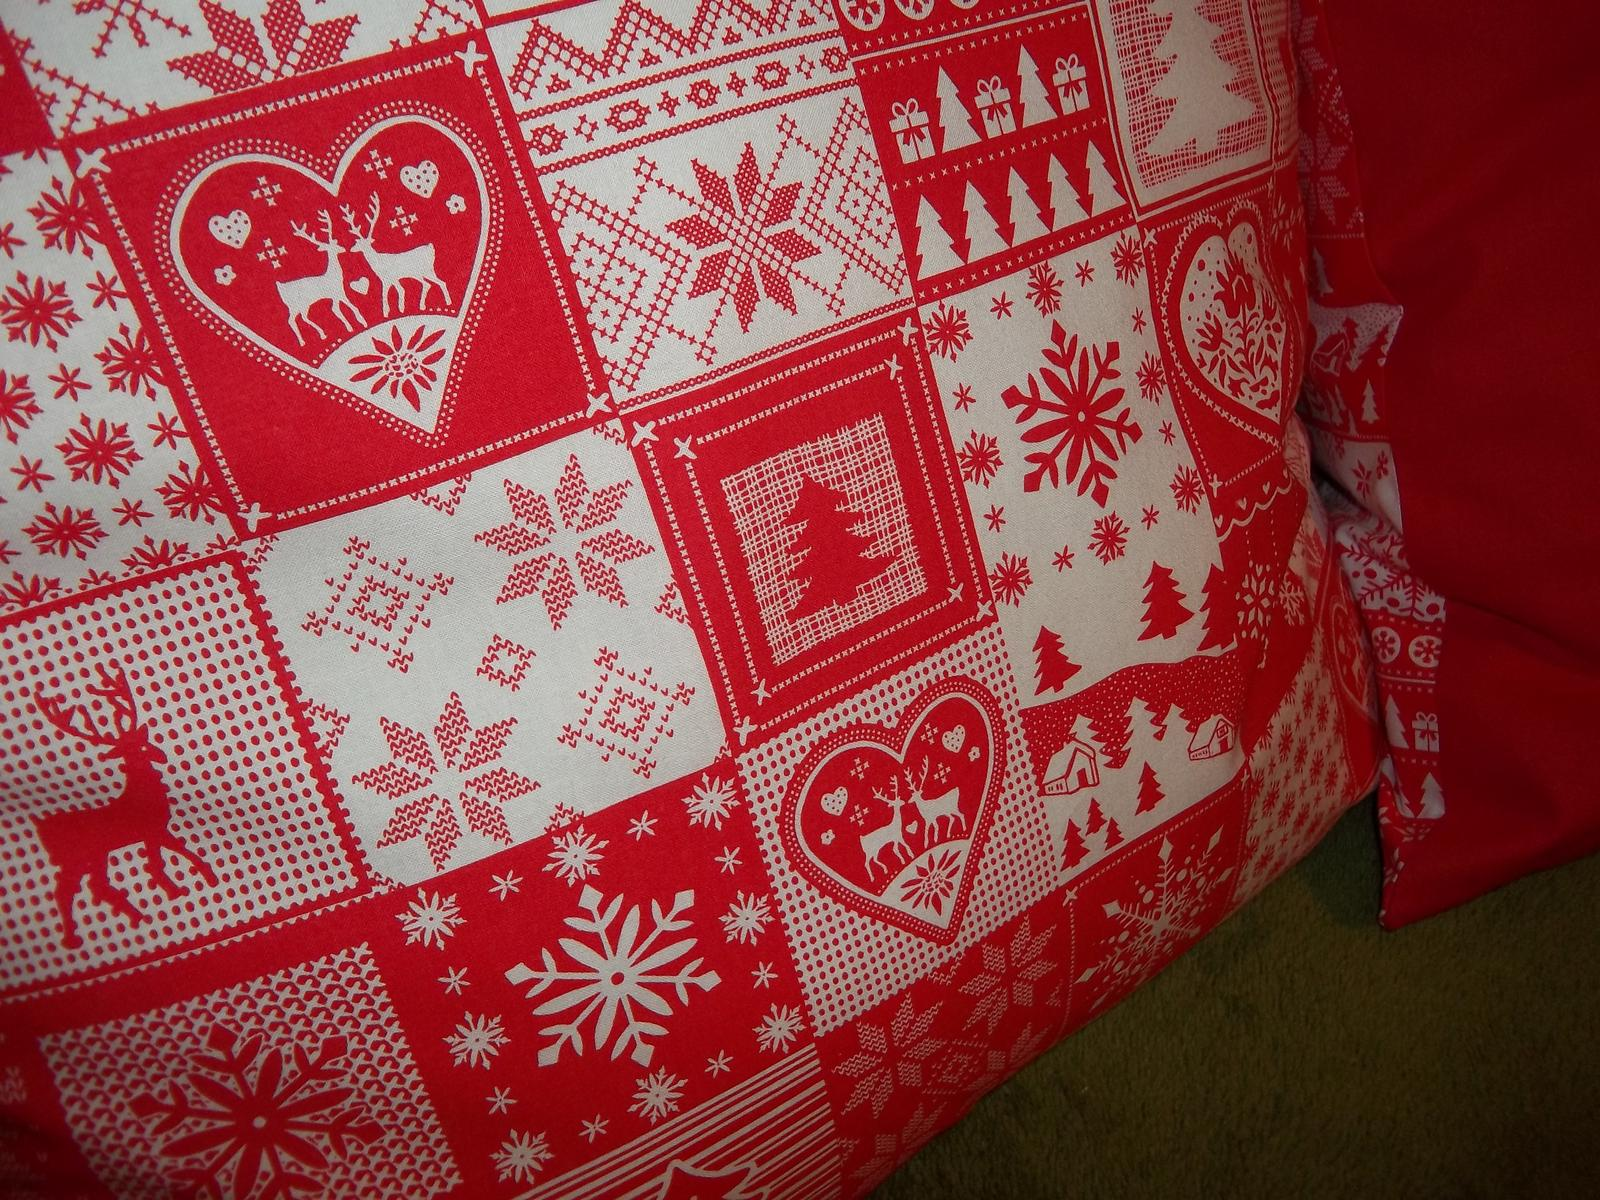 Sada dvoch väčších vianočných obliečok,cena s poštovným - Obrázok č. 3